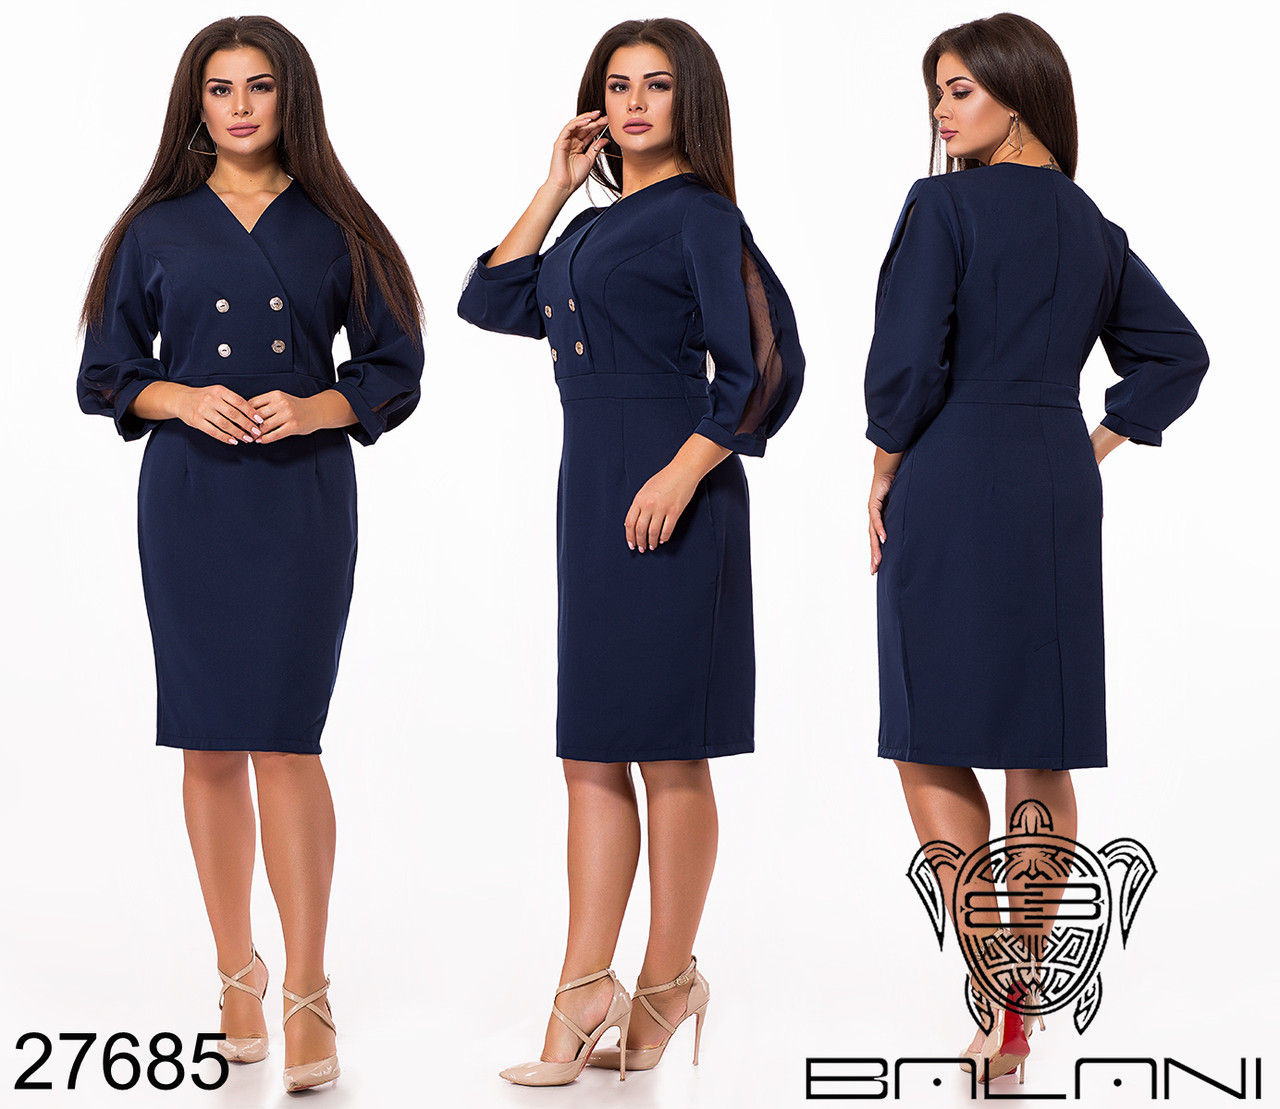 87d4ea6a0cc Стильное деловое платье футляр с пышными рукавами с 48 по 58 размер -  Интернет-магазин